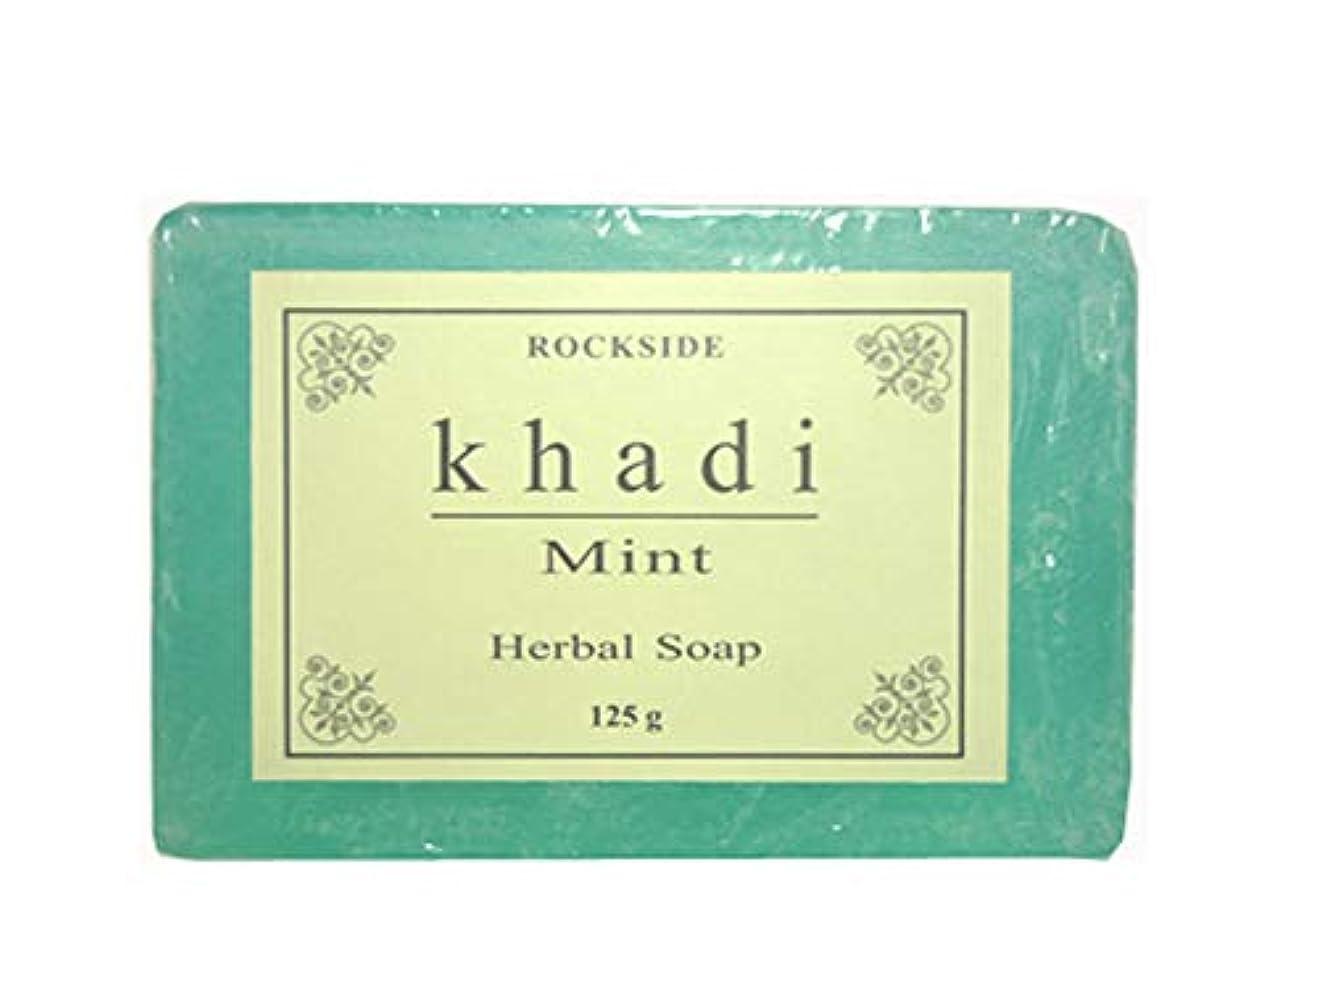 ボーカル夜明け成分手作り  カーディ ミント ハーバルソープ Khadi Mint Herbal Soap